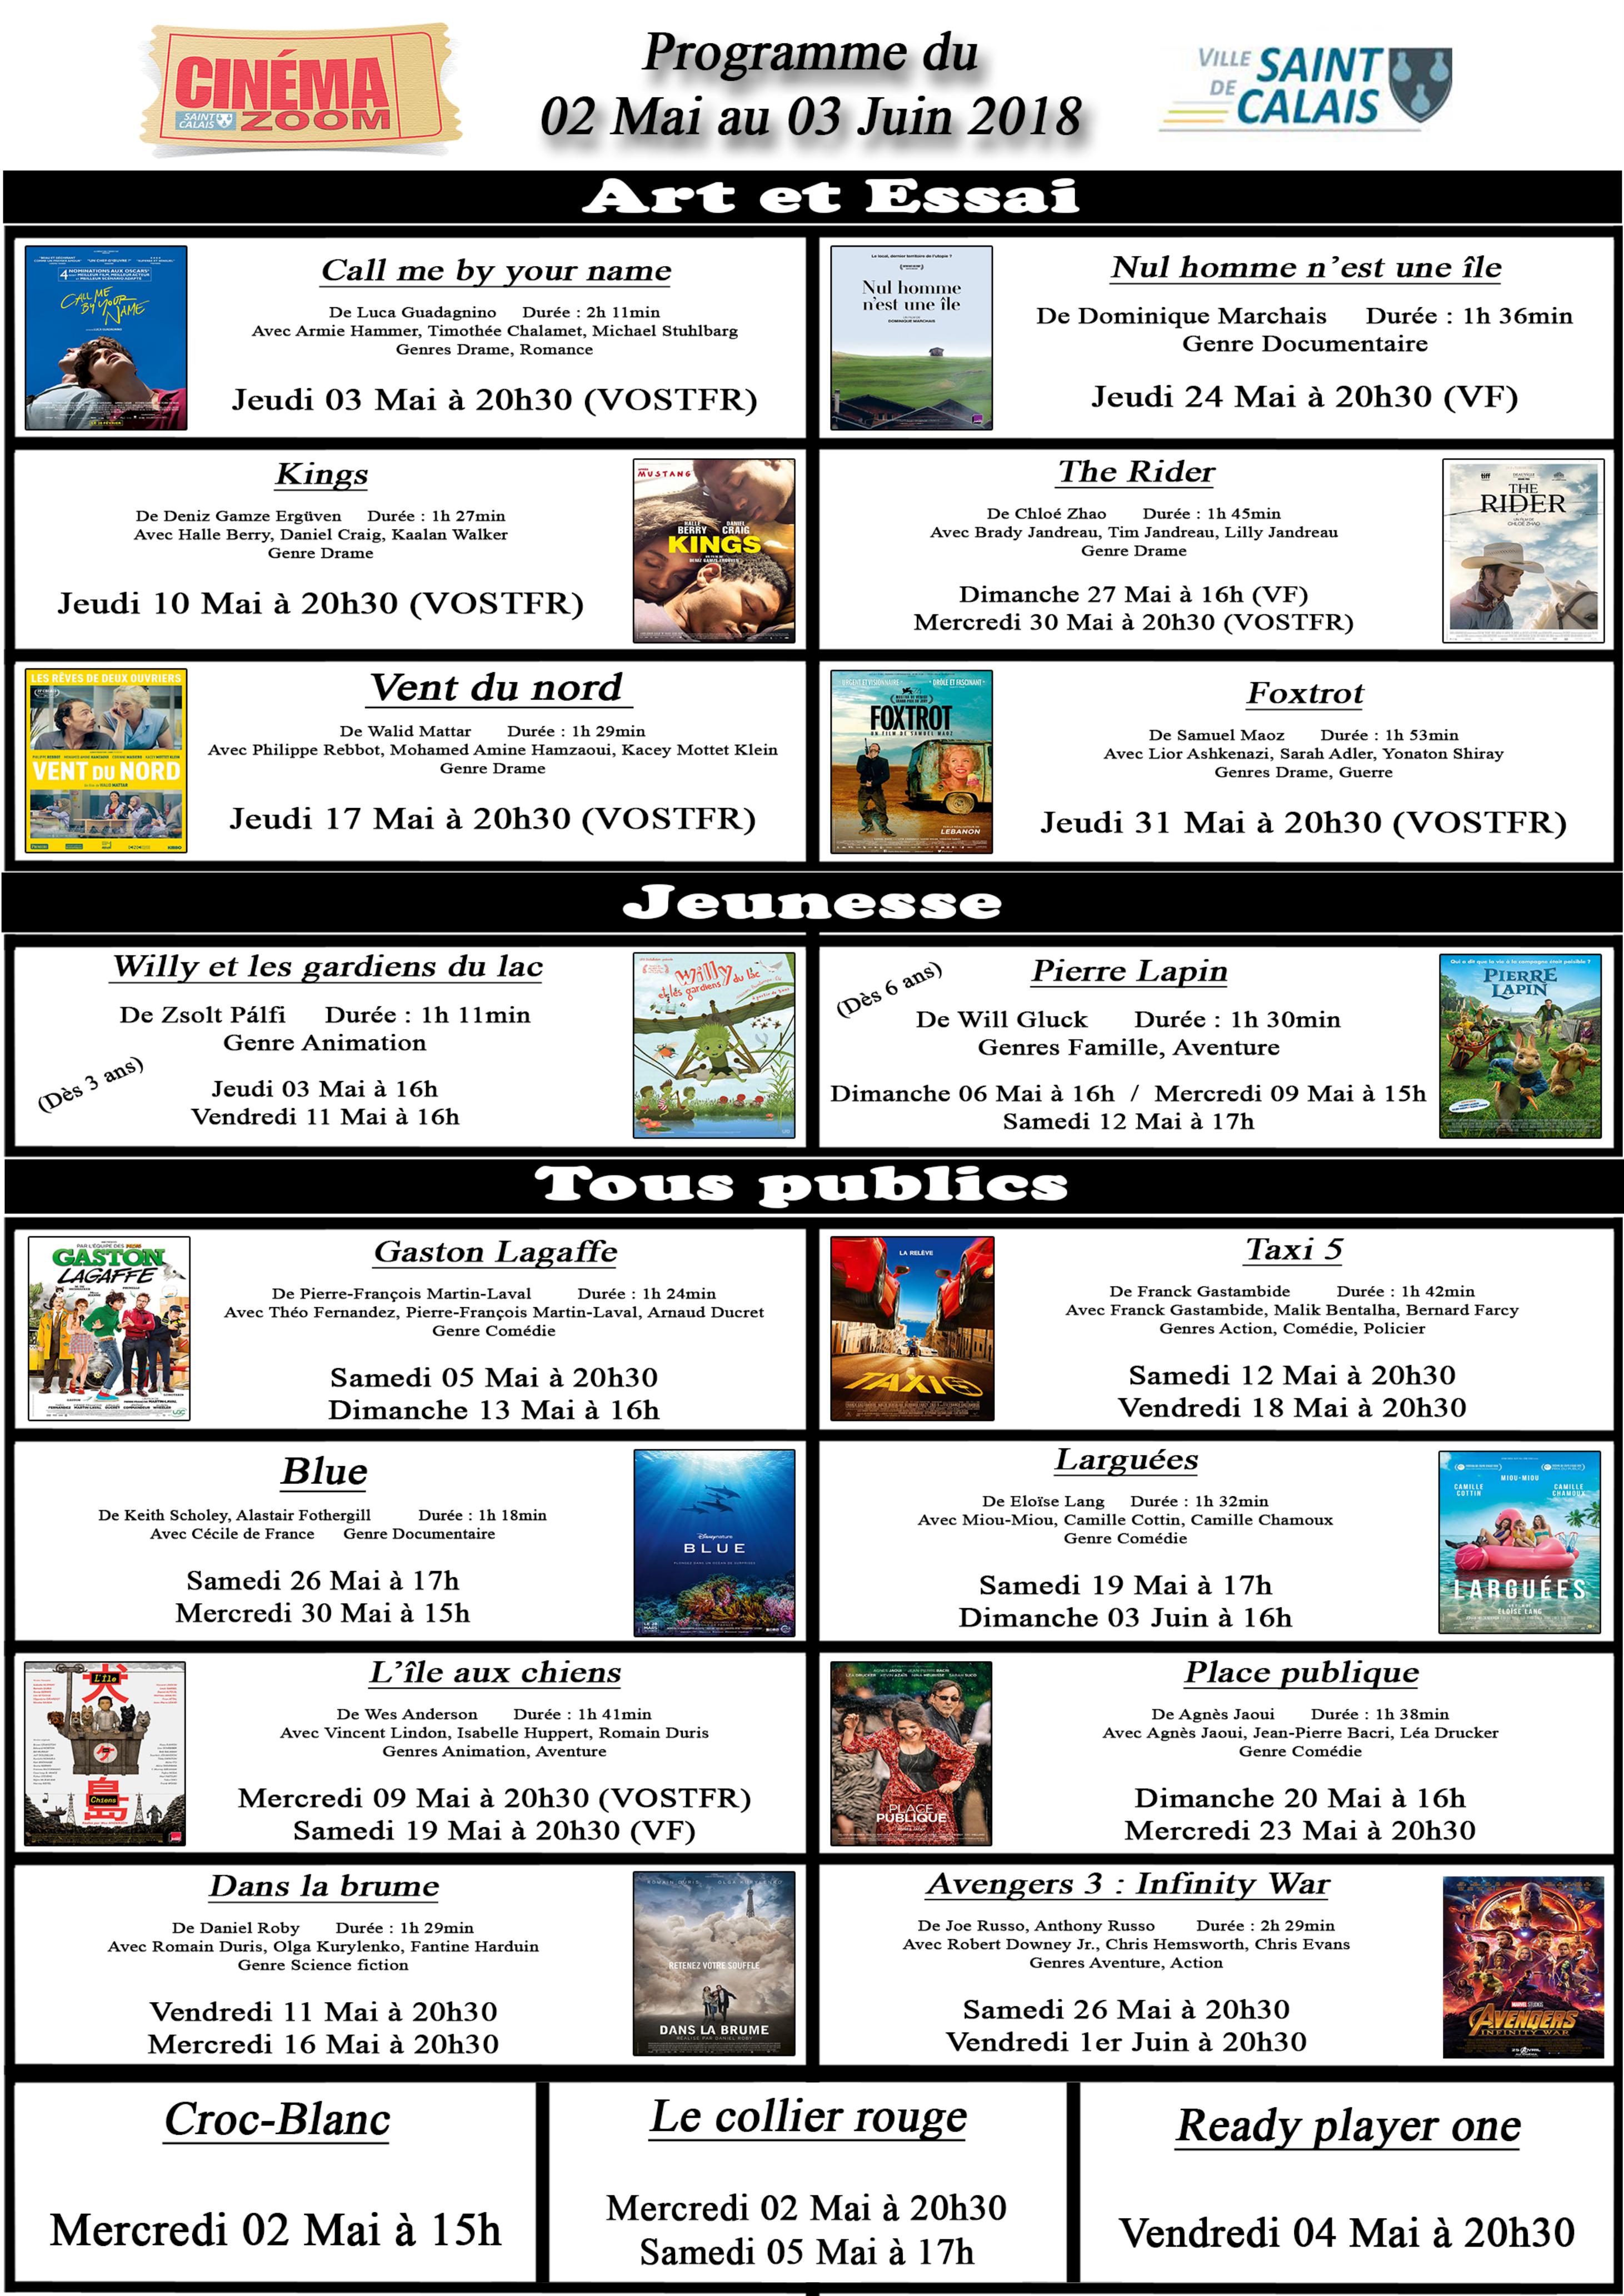 Affiche Programme Cinéma Zoom - 02 Mai au 03 Juin 2018